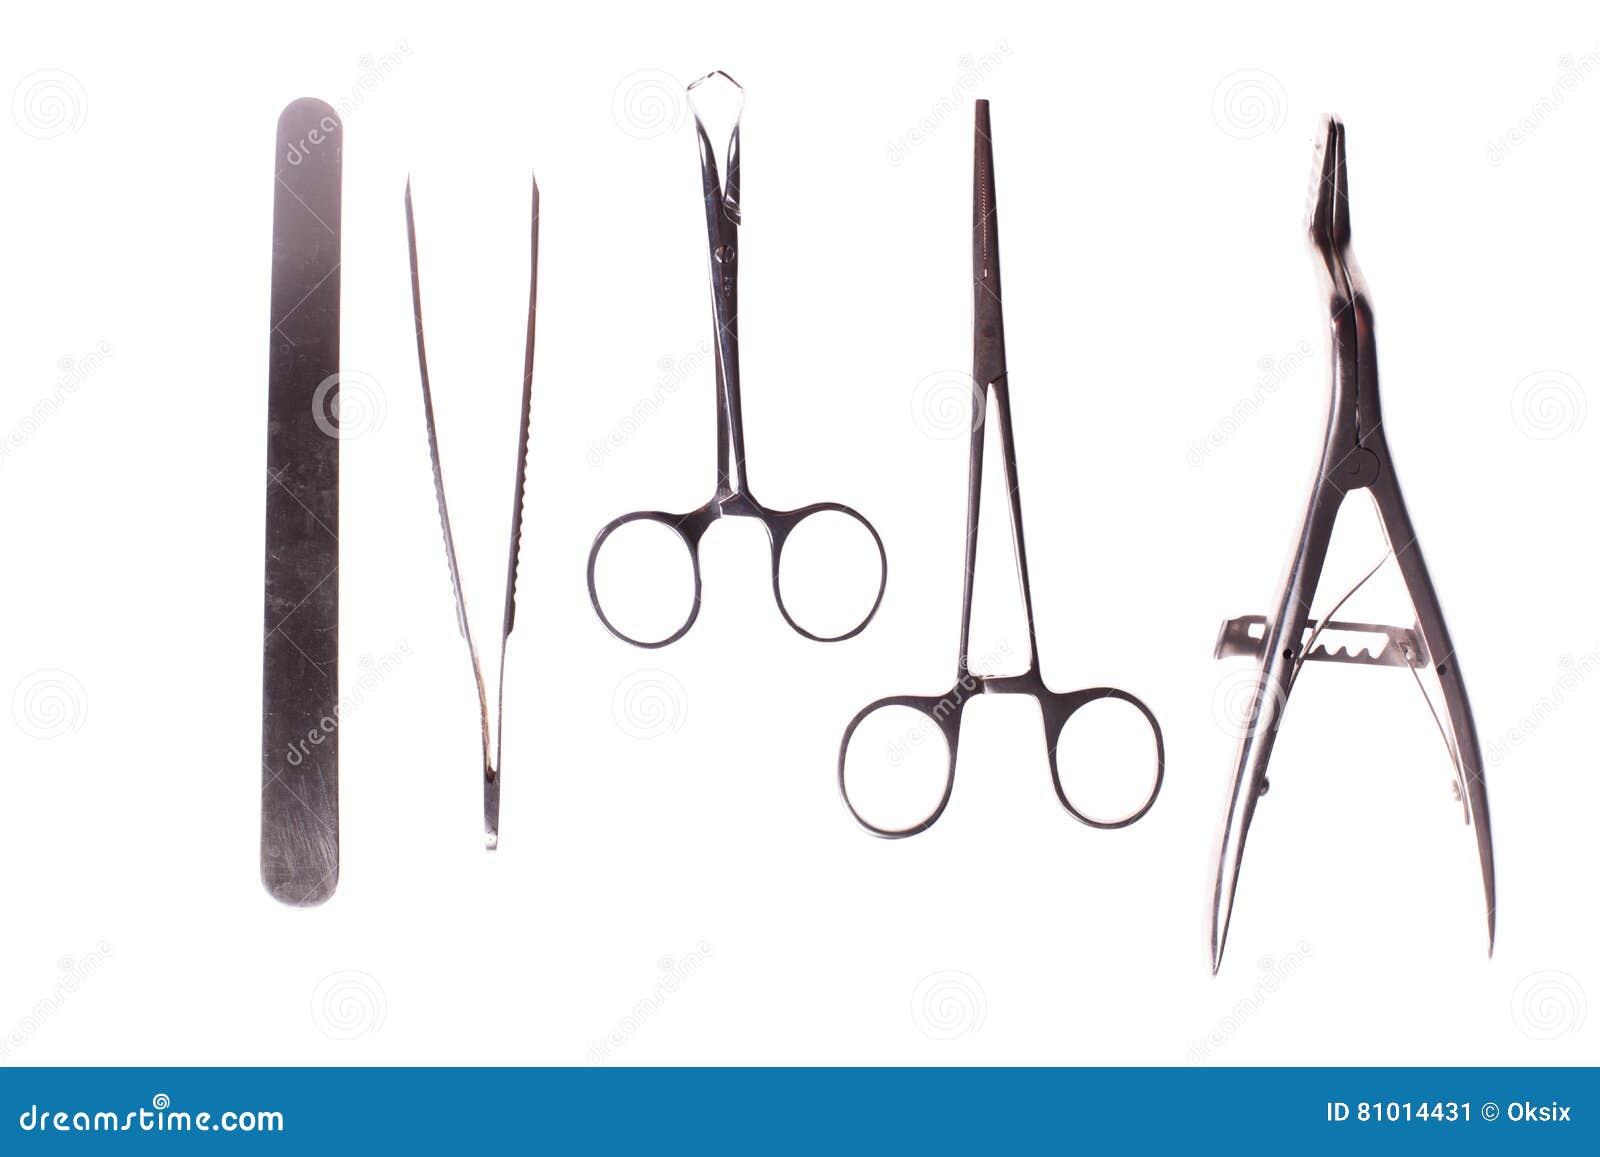 Chirurgieinstrumente lokalisiert auf Weiß